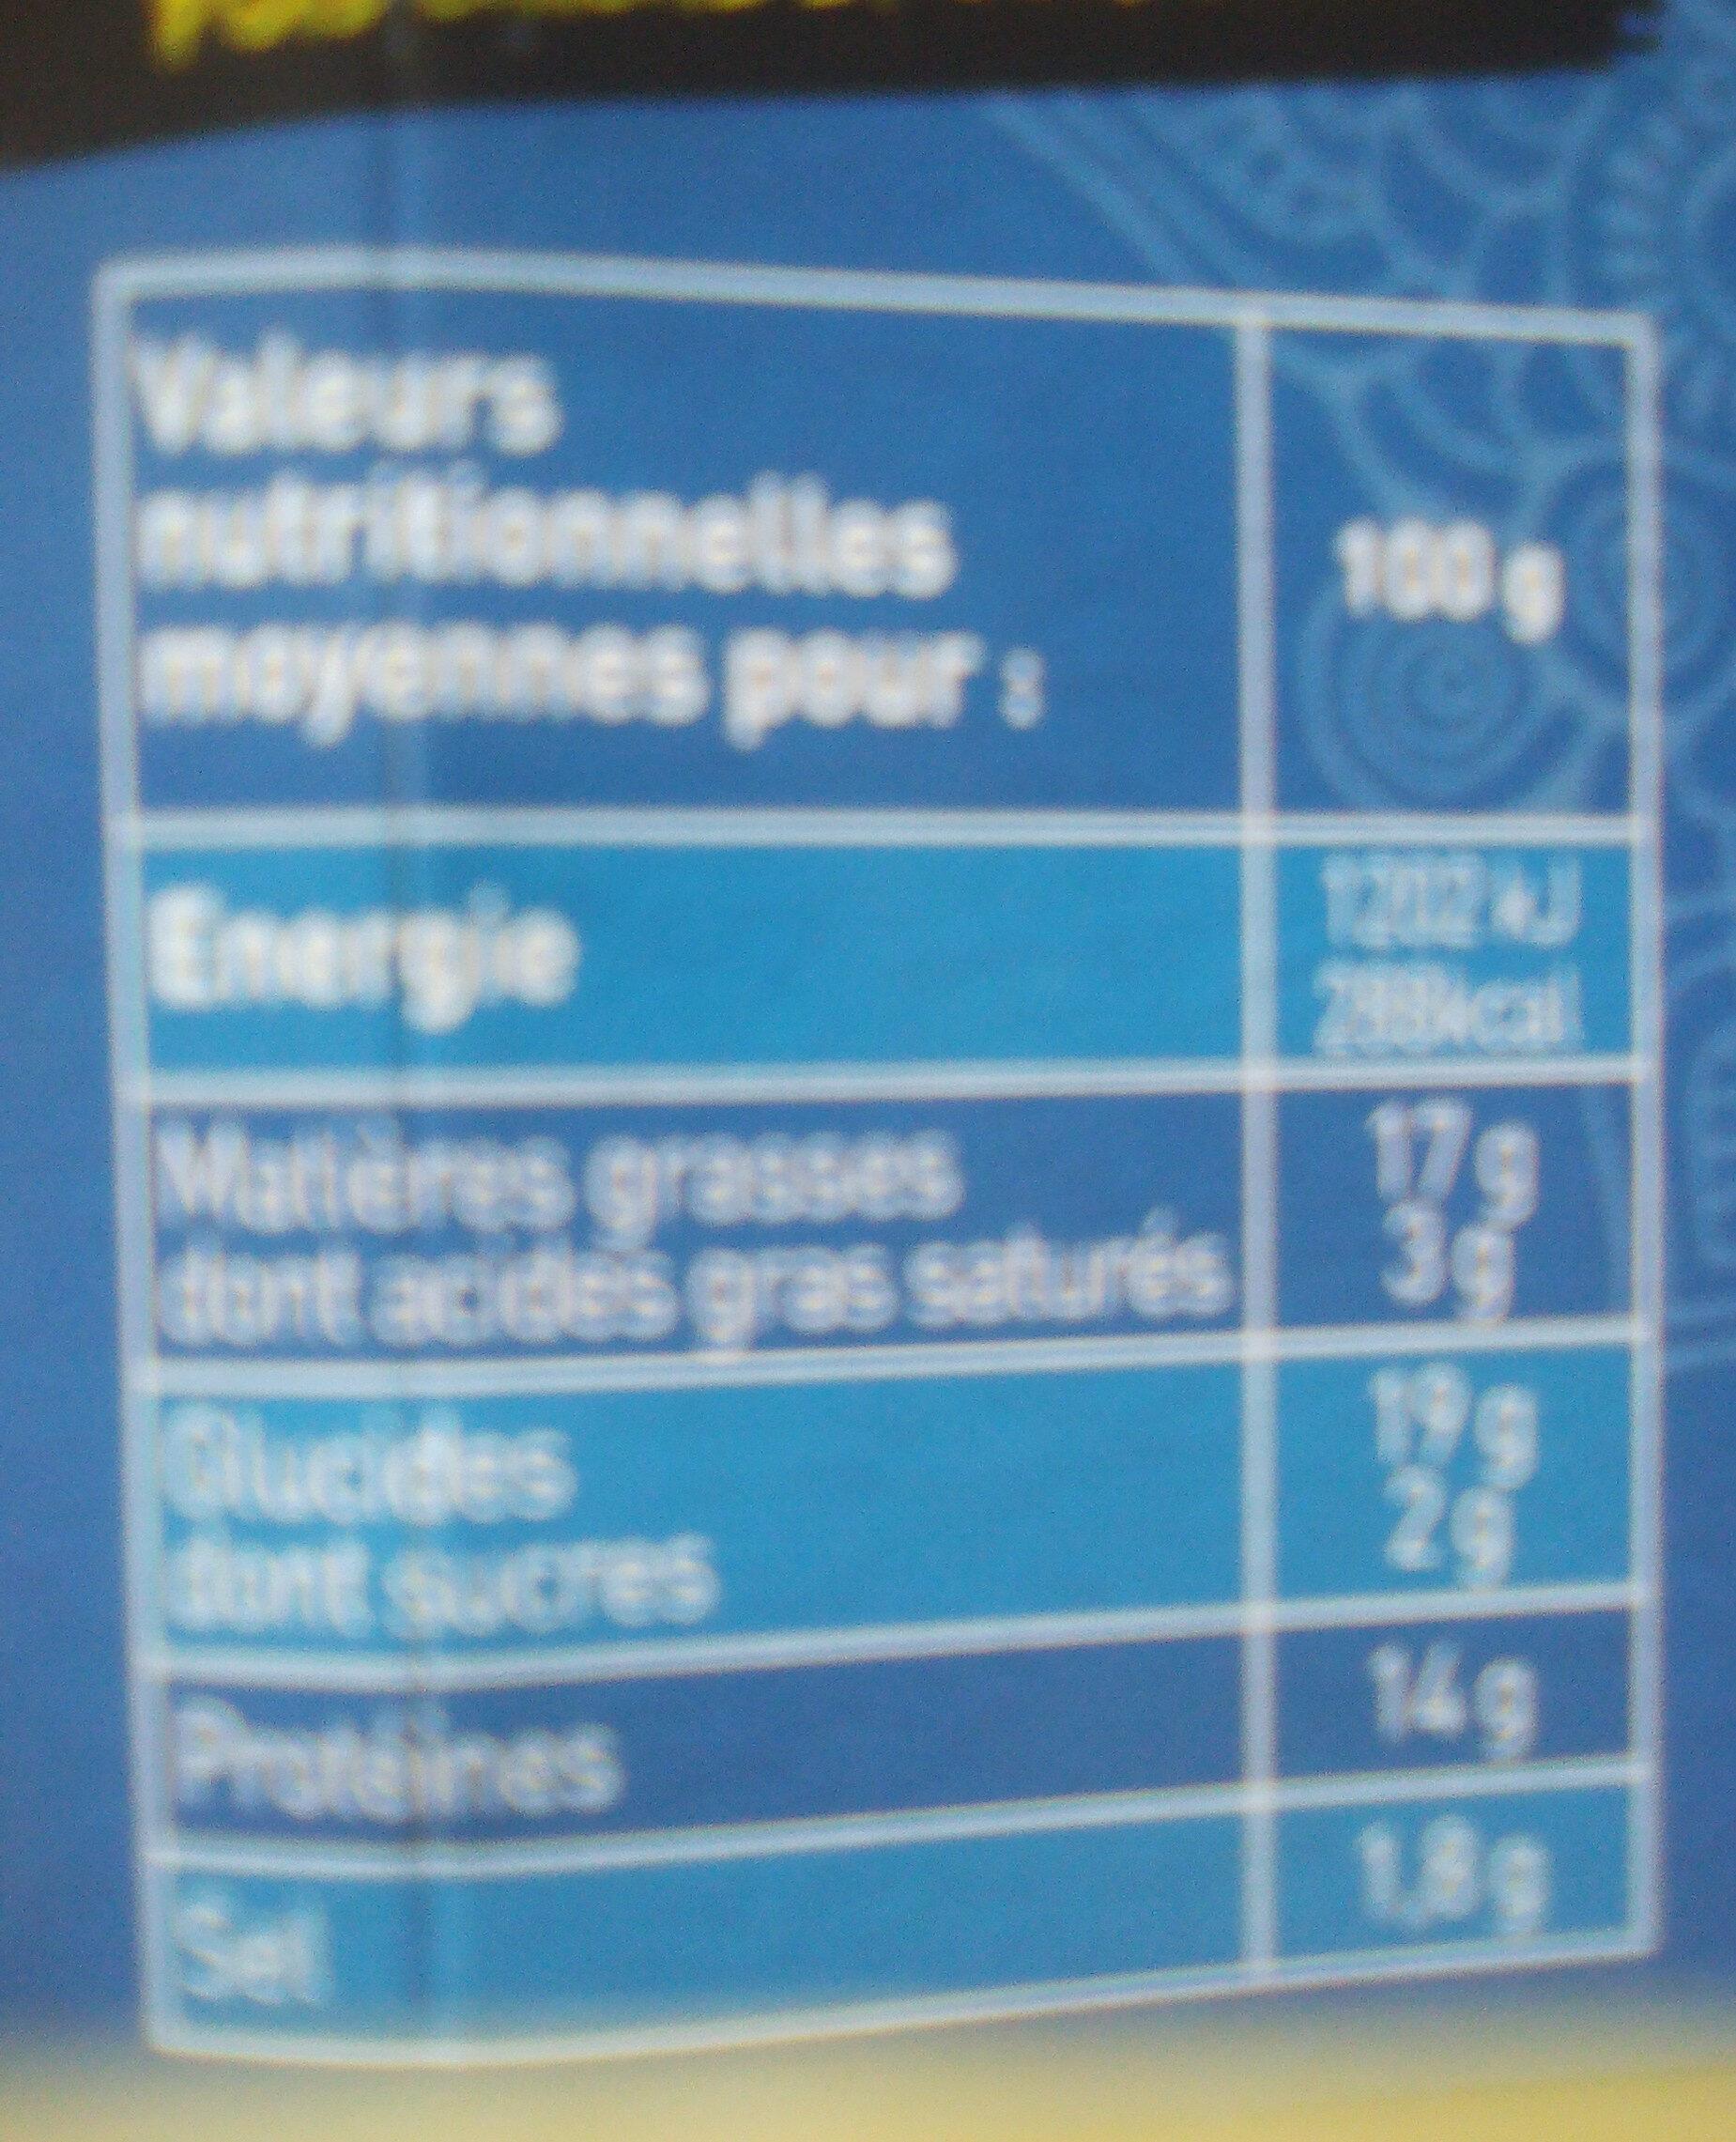 falafels pois chiche et coriandre - Informations nutritionnelles